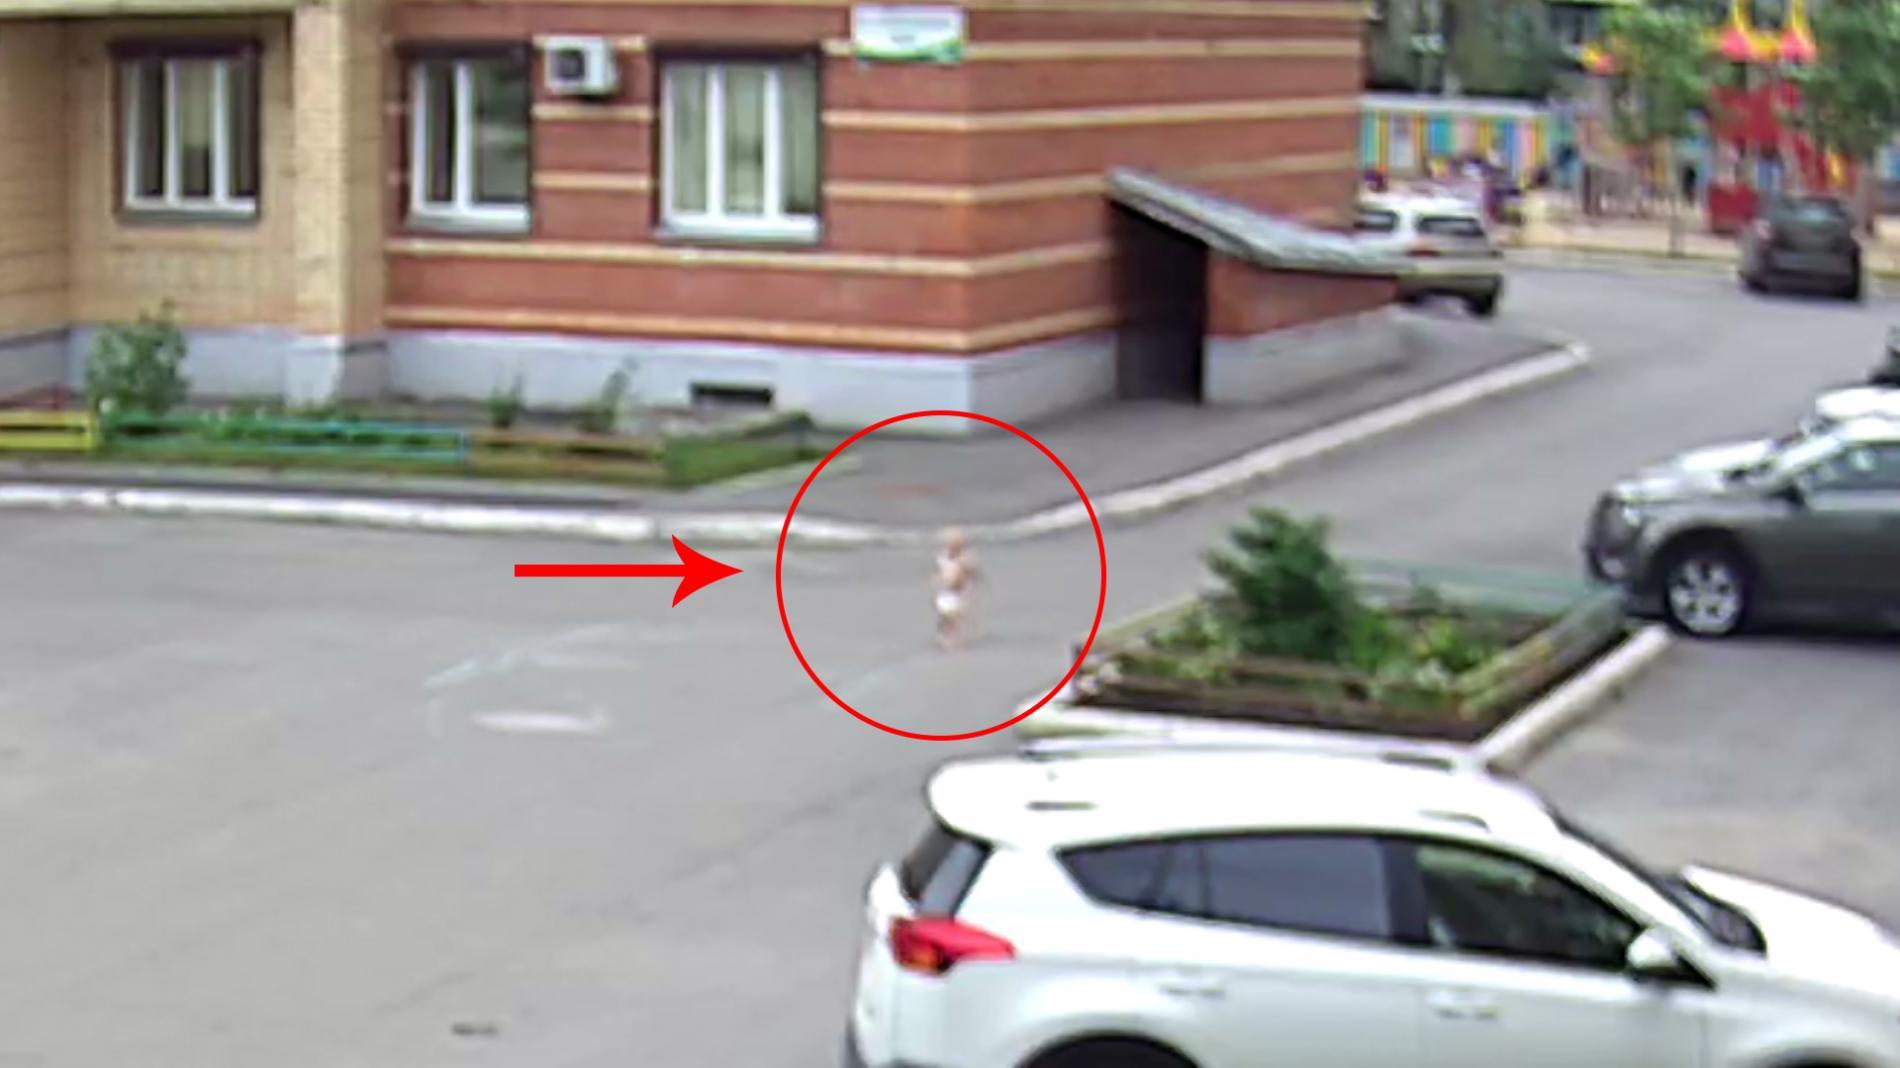 В Вологде полуторагодовалый ребенок сбежал из частного детсада